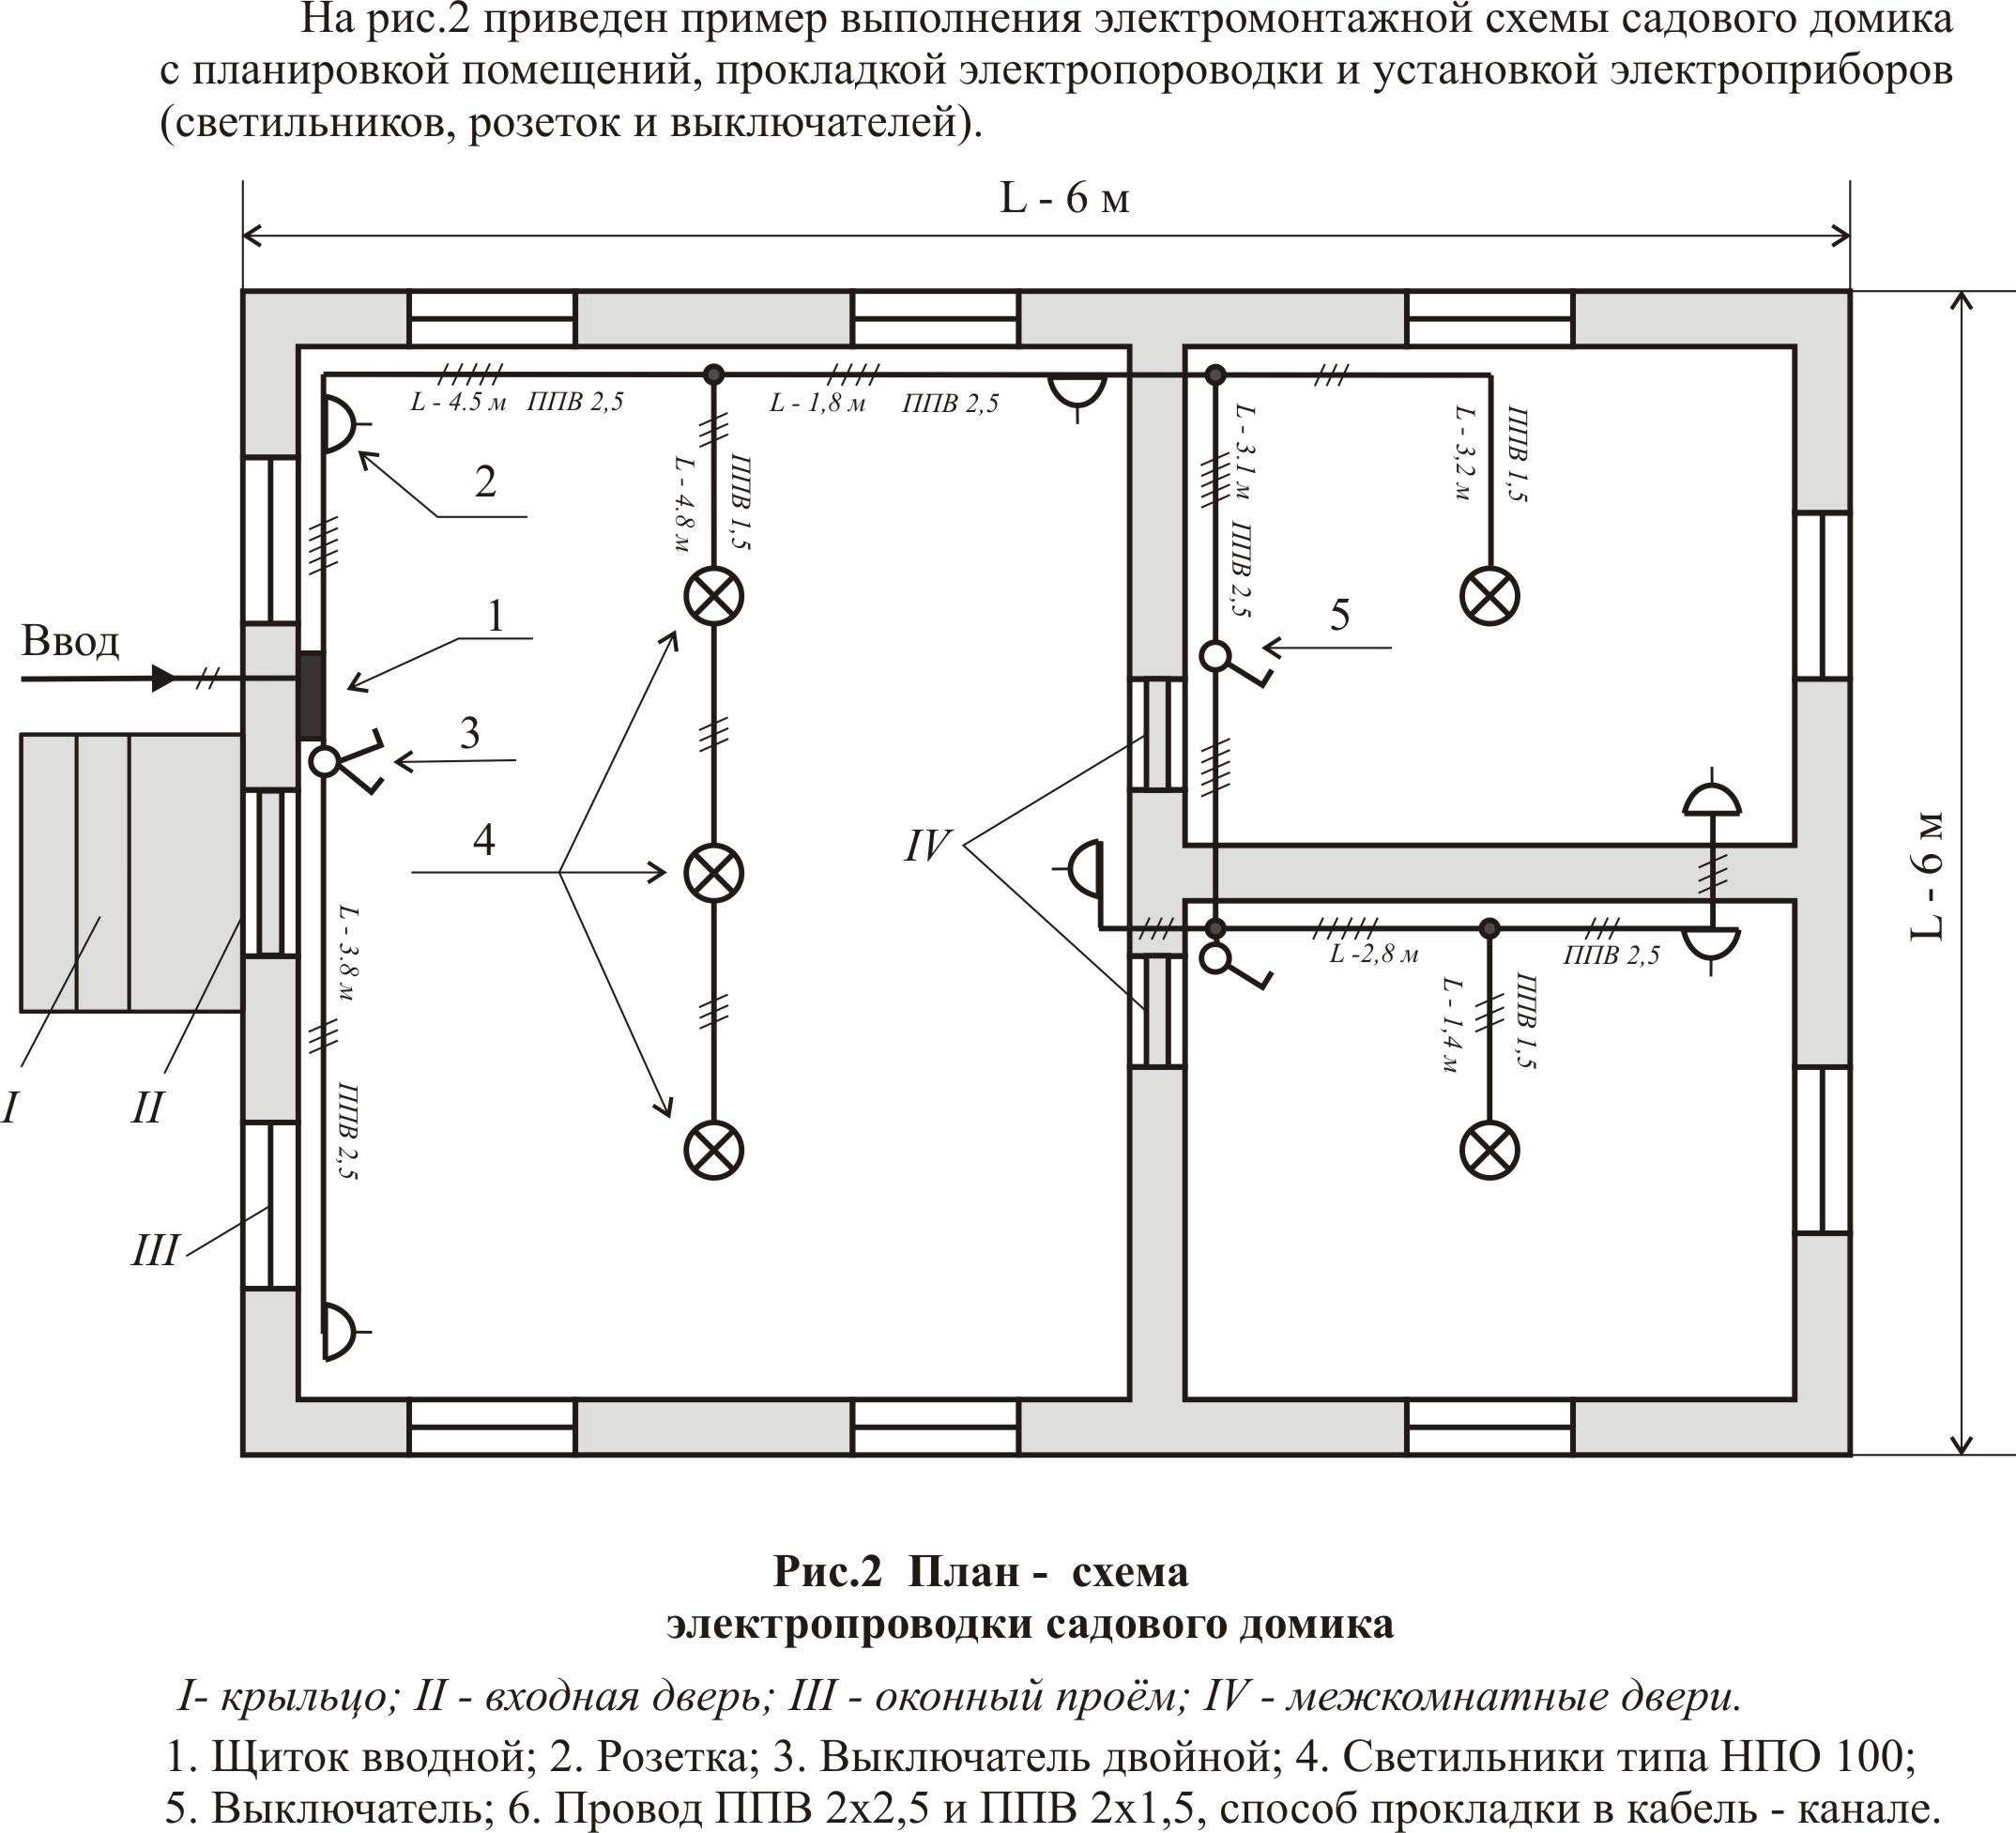 Пример схемы электроснабжения садового домика.  Рассмотрим для примера составления электрических схем для садового...